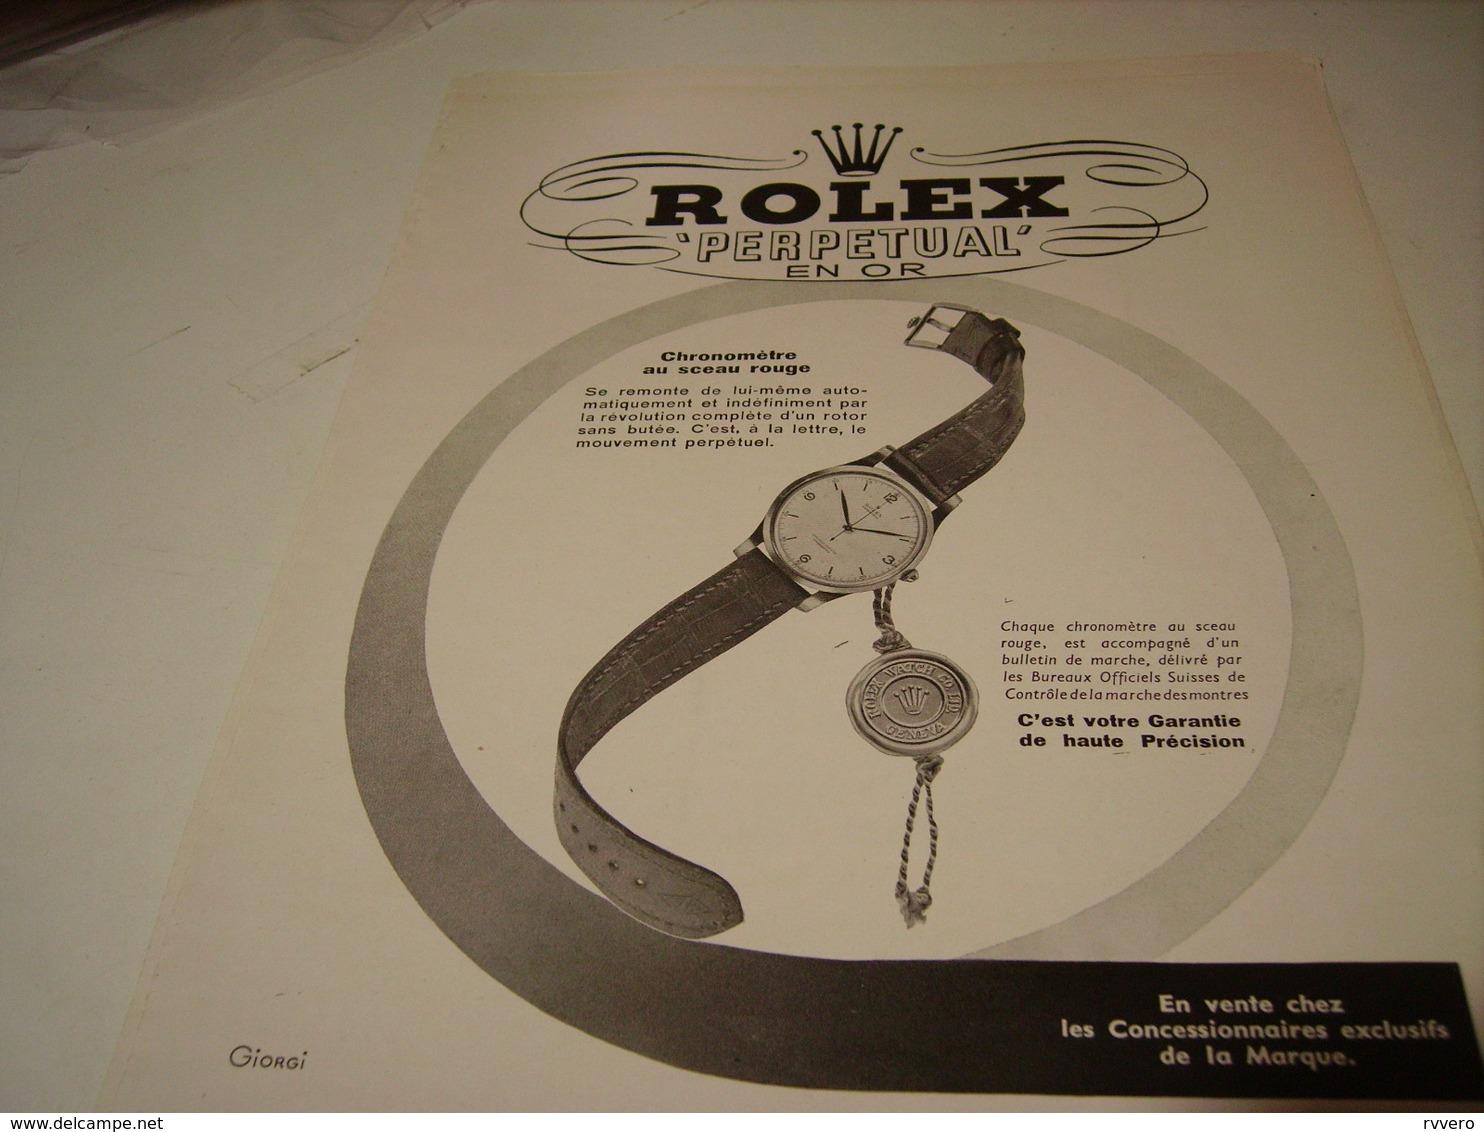 PUBLICITE AFFICHE MONTRE PERPETUAL EN OR DE ROLEX 1950 - Bijoux & Horlogerie